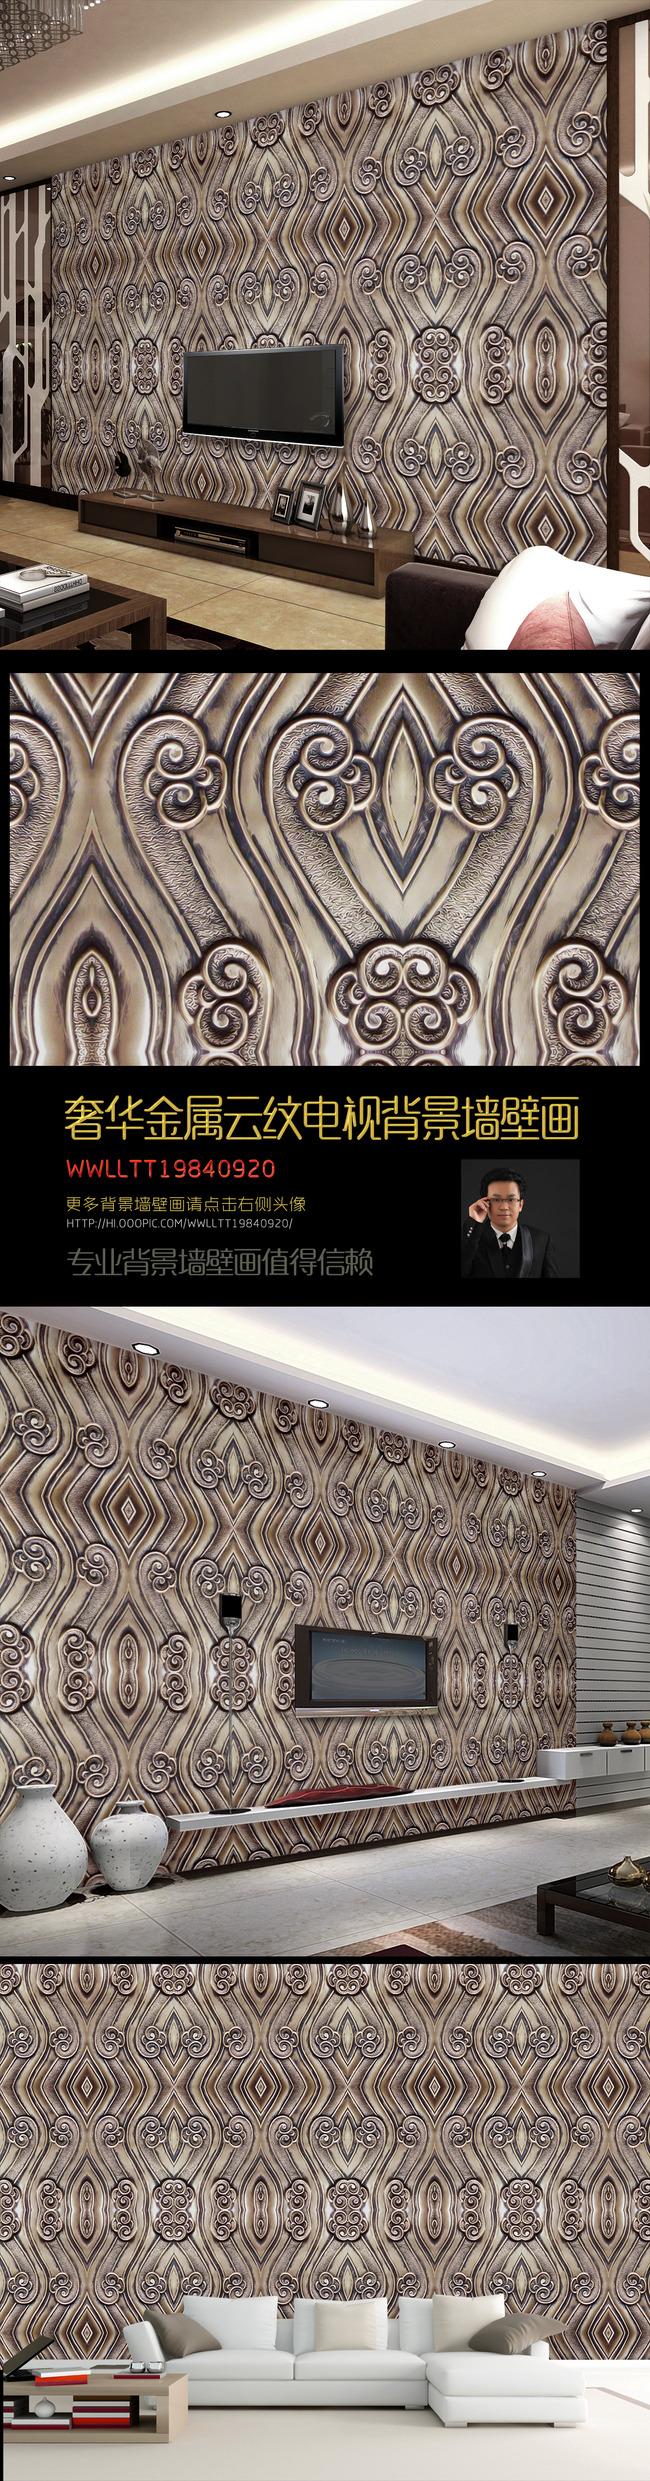 金属铁艺奢华中式祥云纹客厅电视沙发背景墙